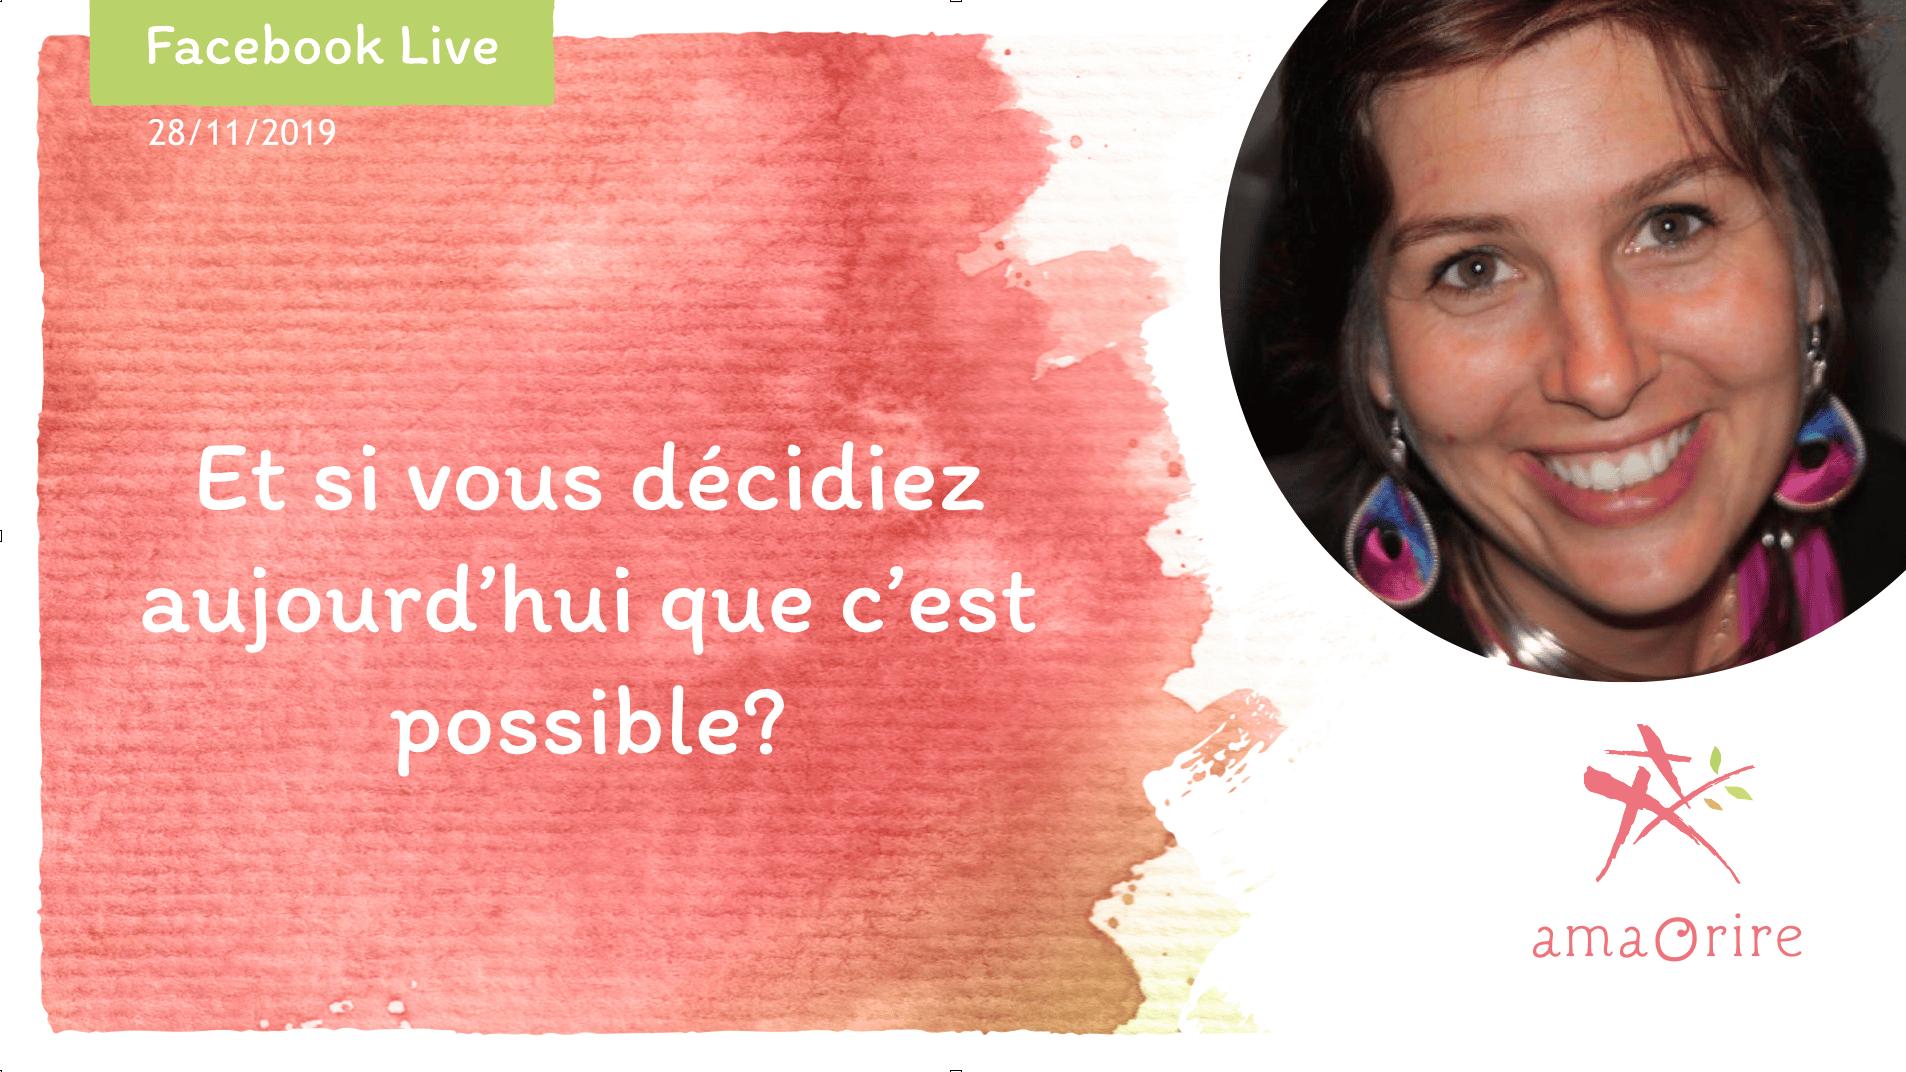 Et si vous décidiez aujourd'hui que c'est possible de vivre la vie de vos rêves?